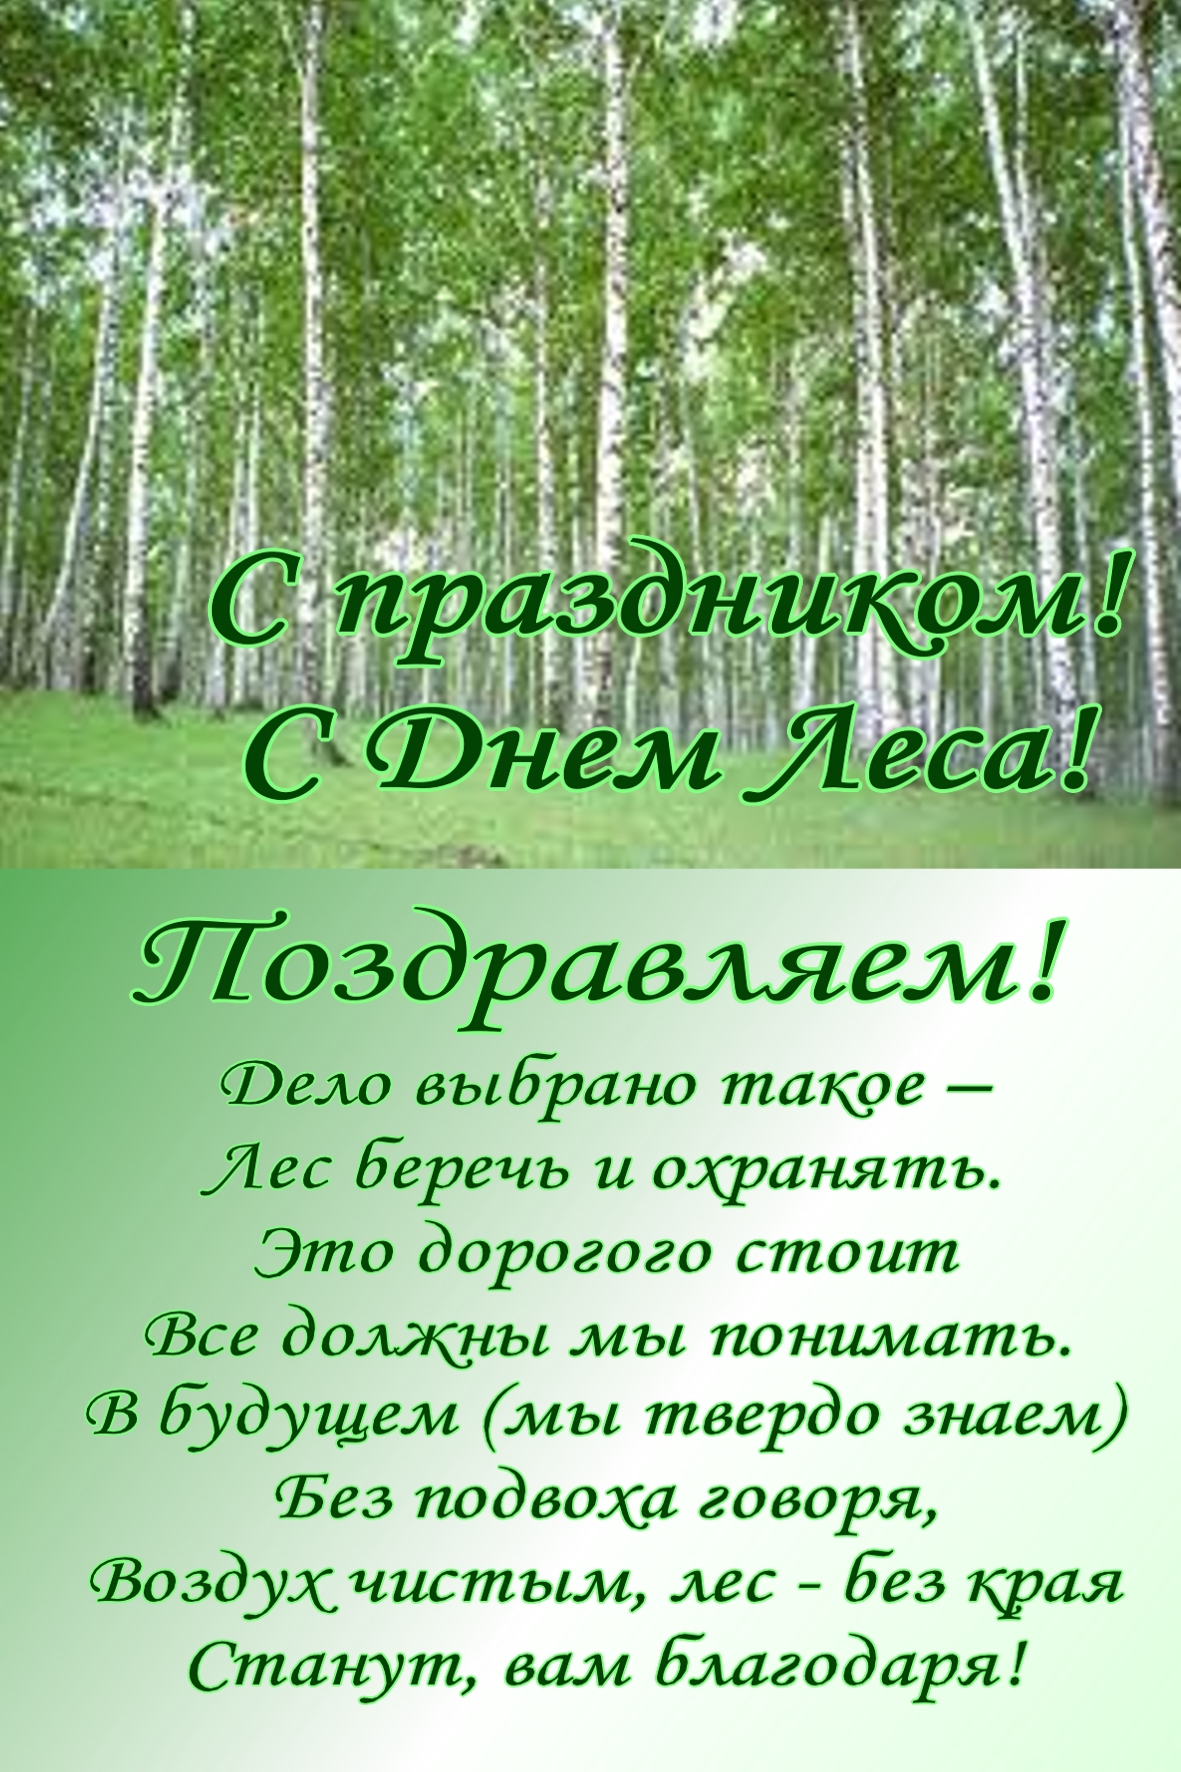 Поздравление с днем леса открытки